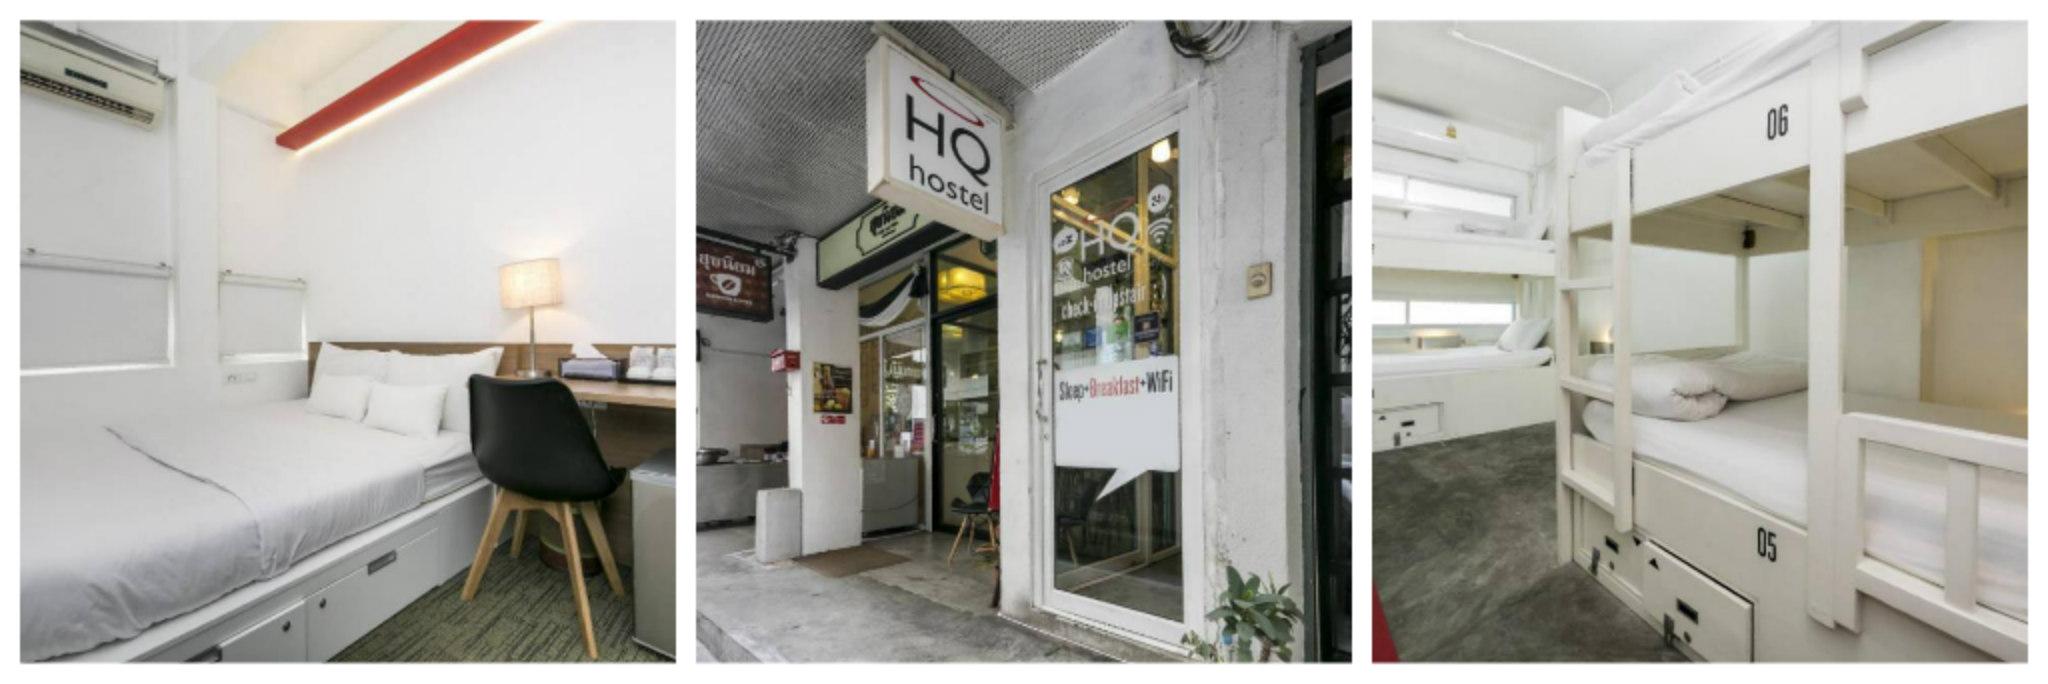 agoda hq hotel